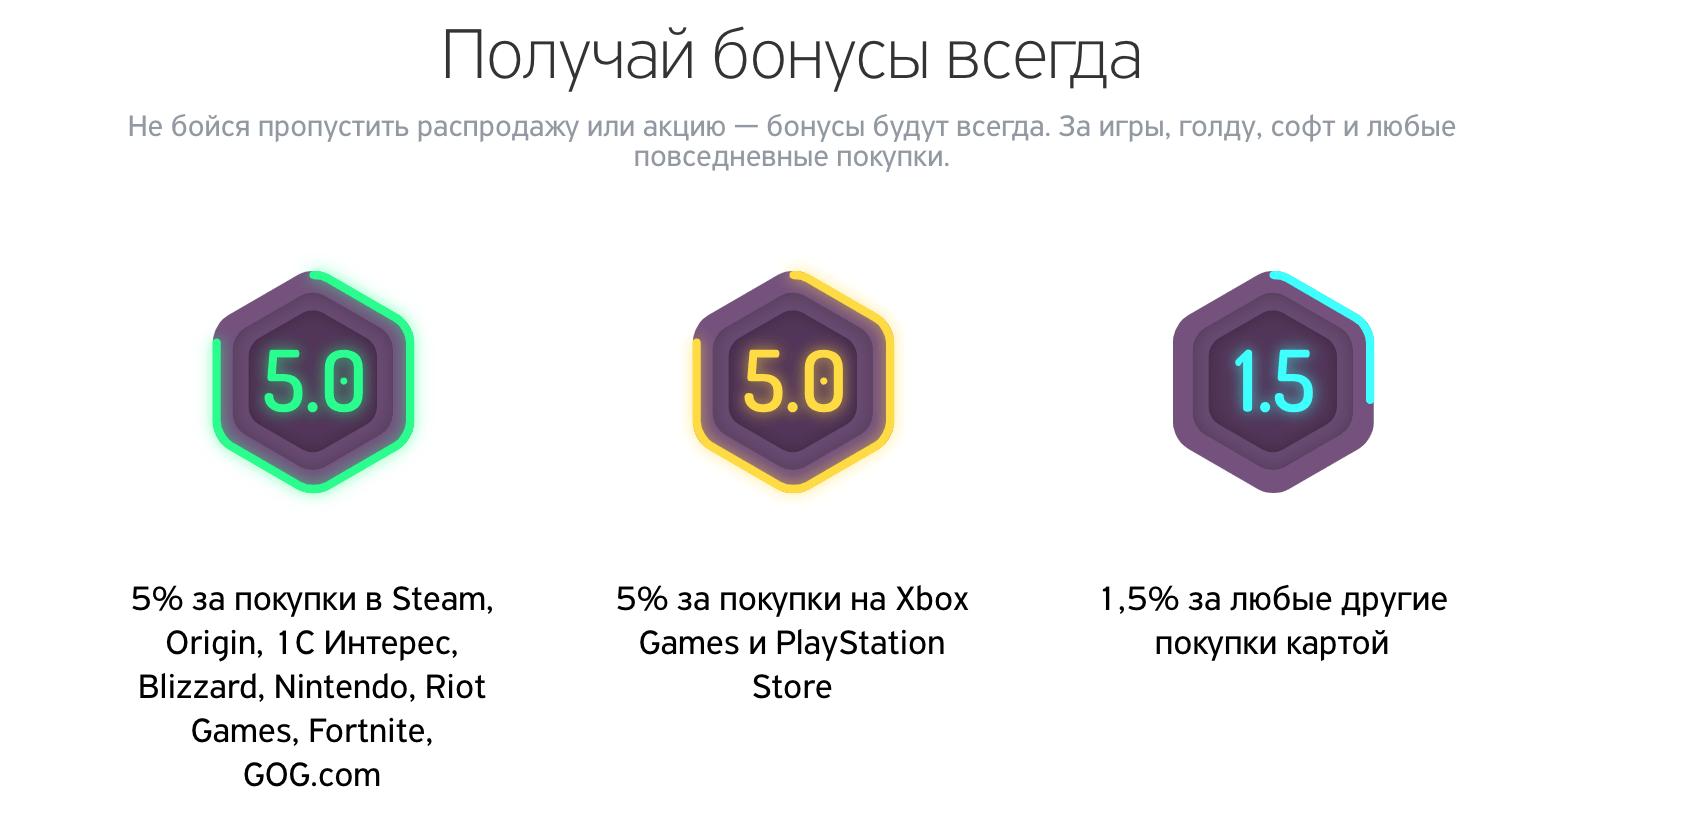 Как начисляются бонусы All Games